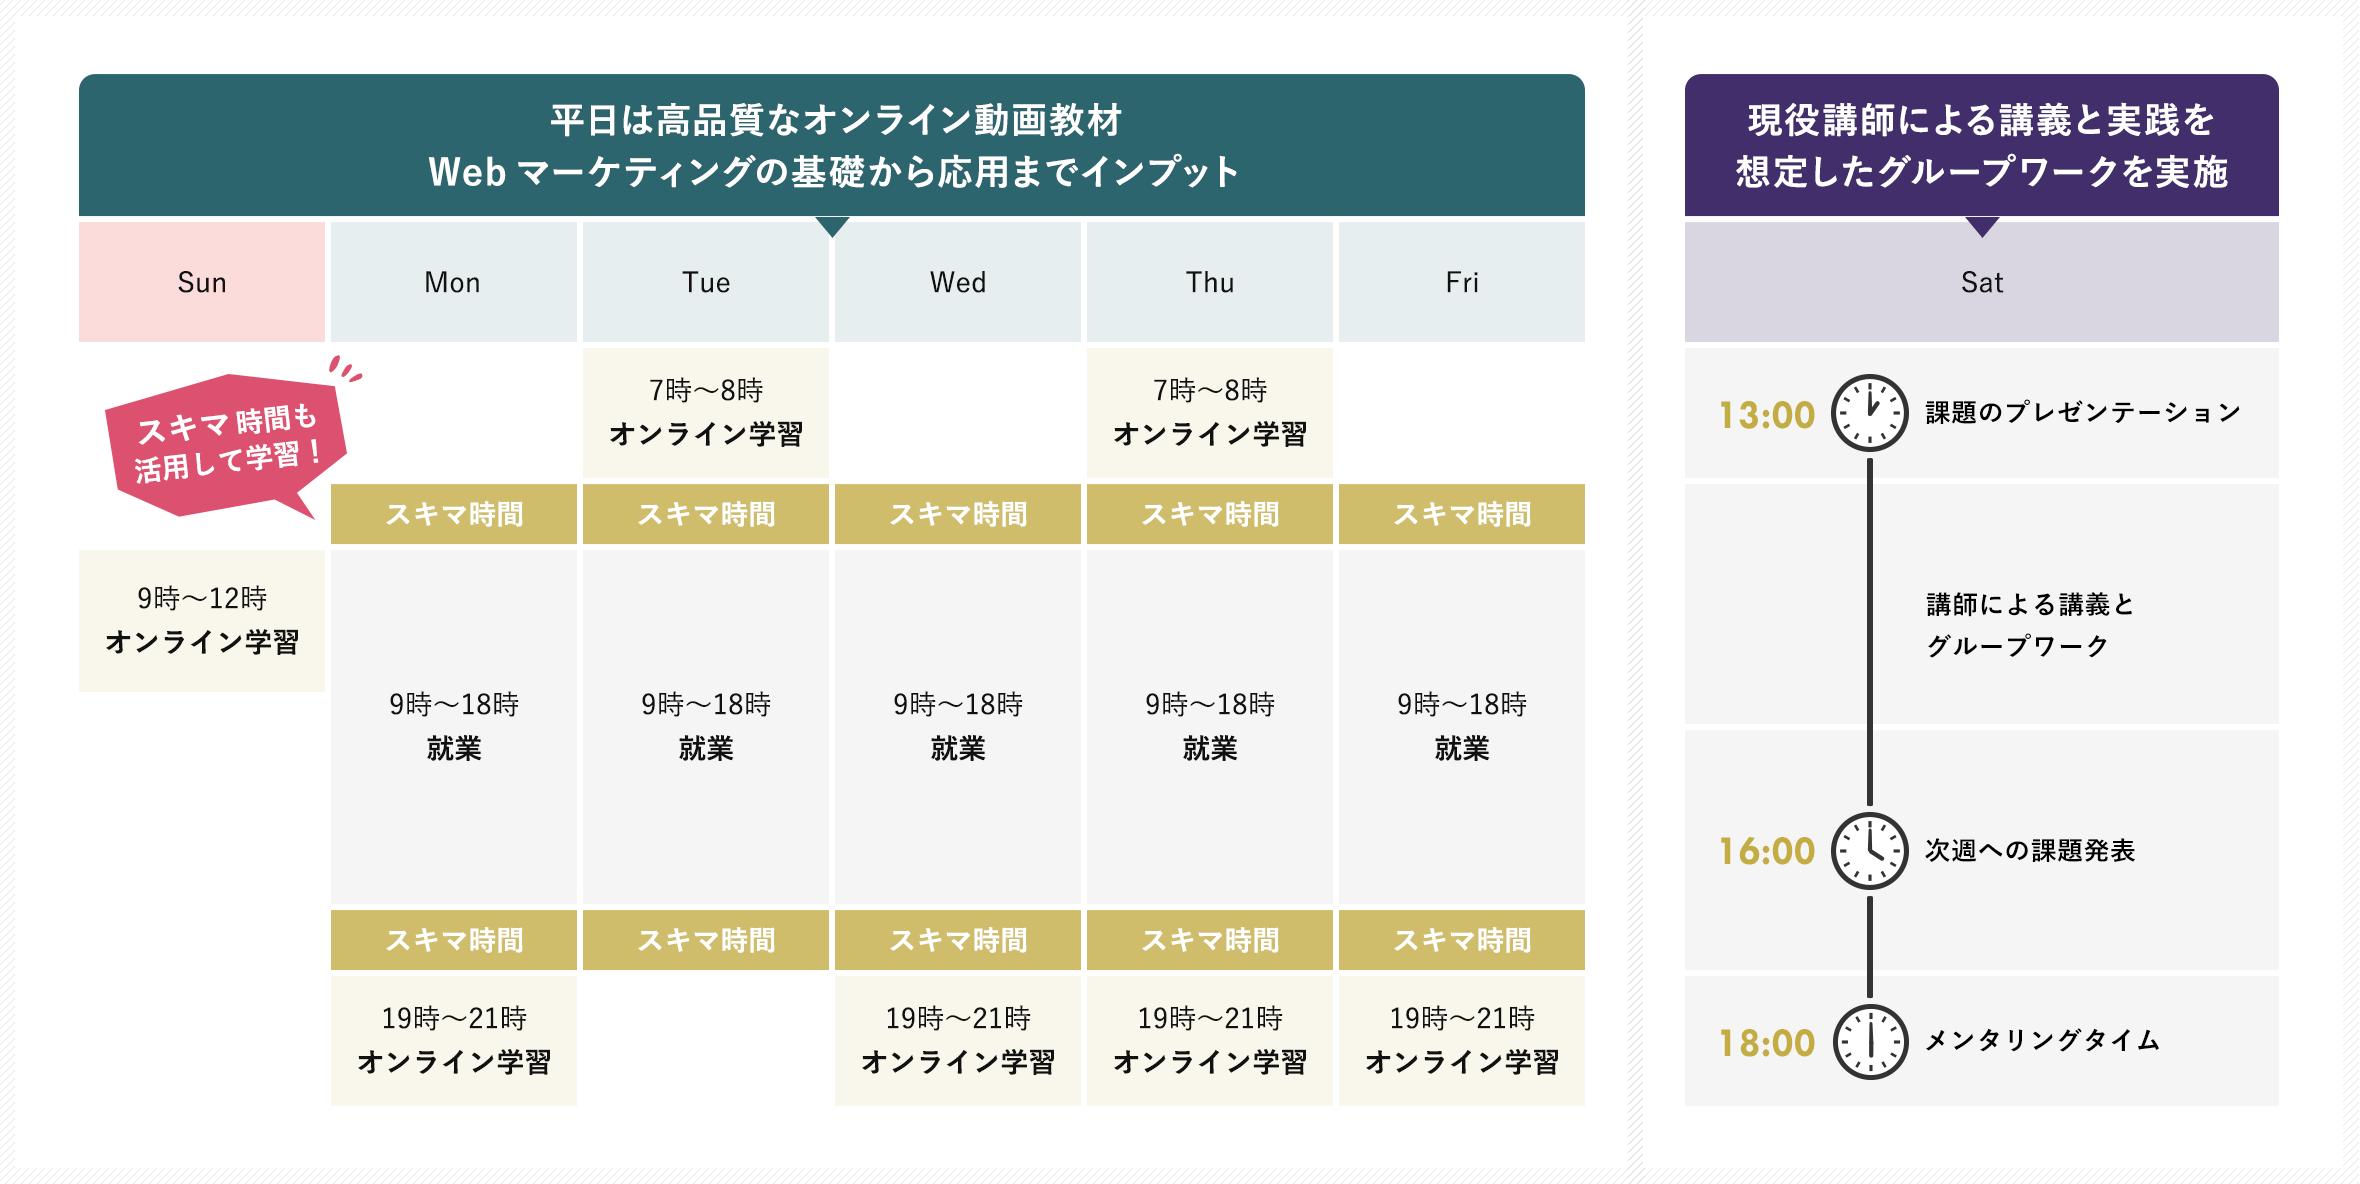 マケキャン(旧:DMMマーケティングキャンプ)